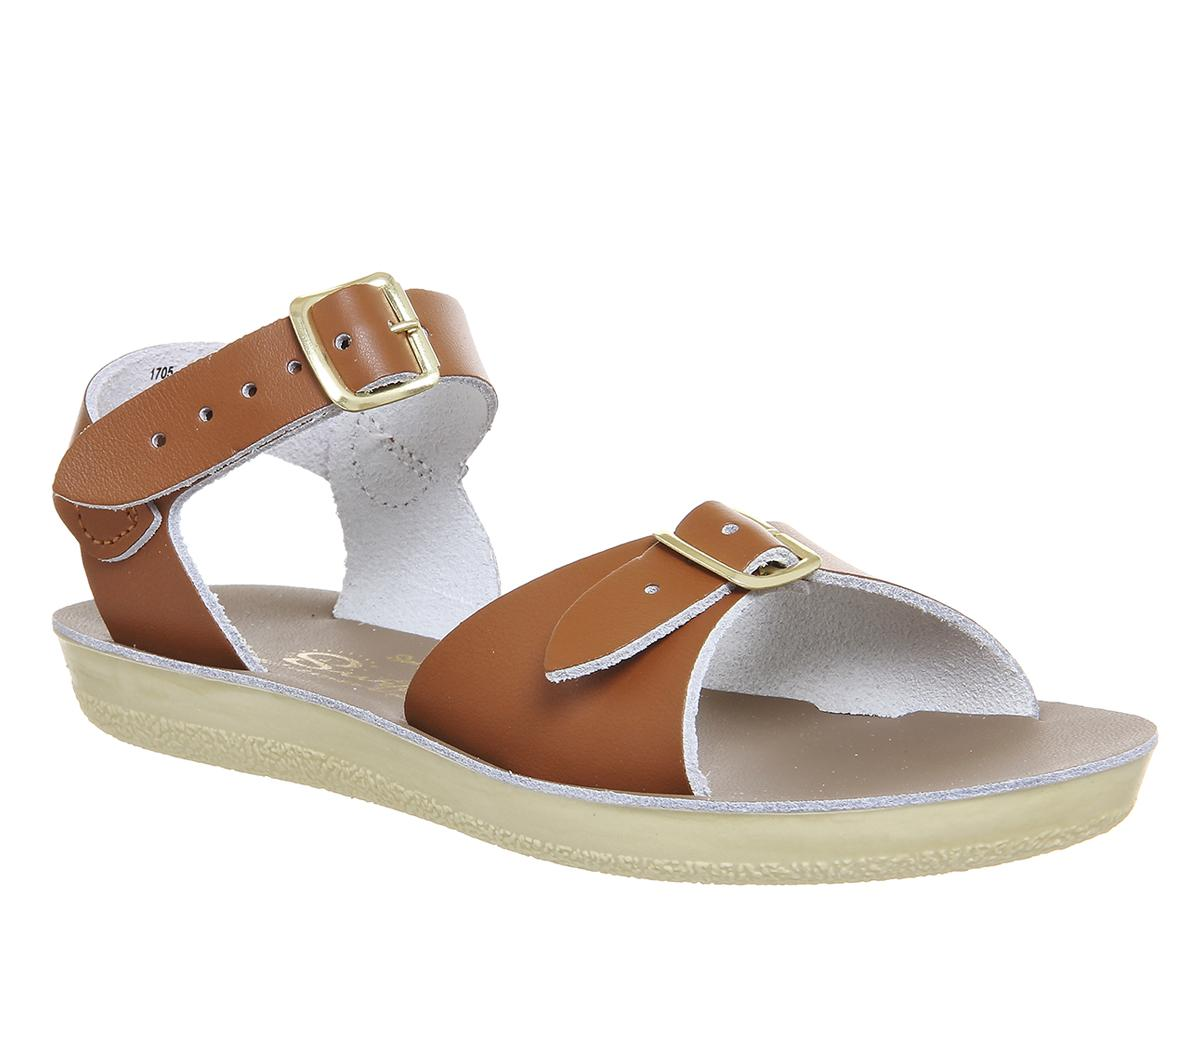 Surfer Sandals Infant/Youth